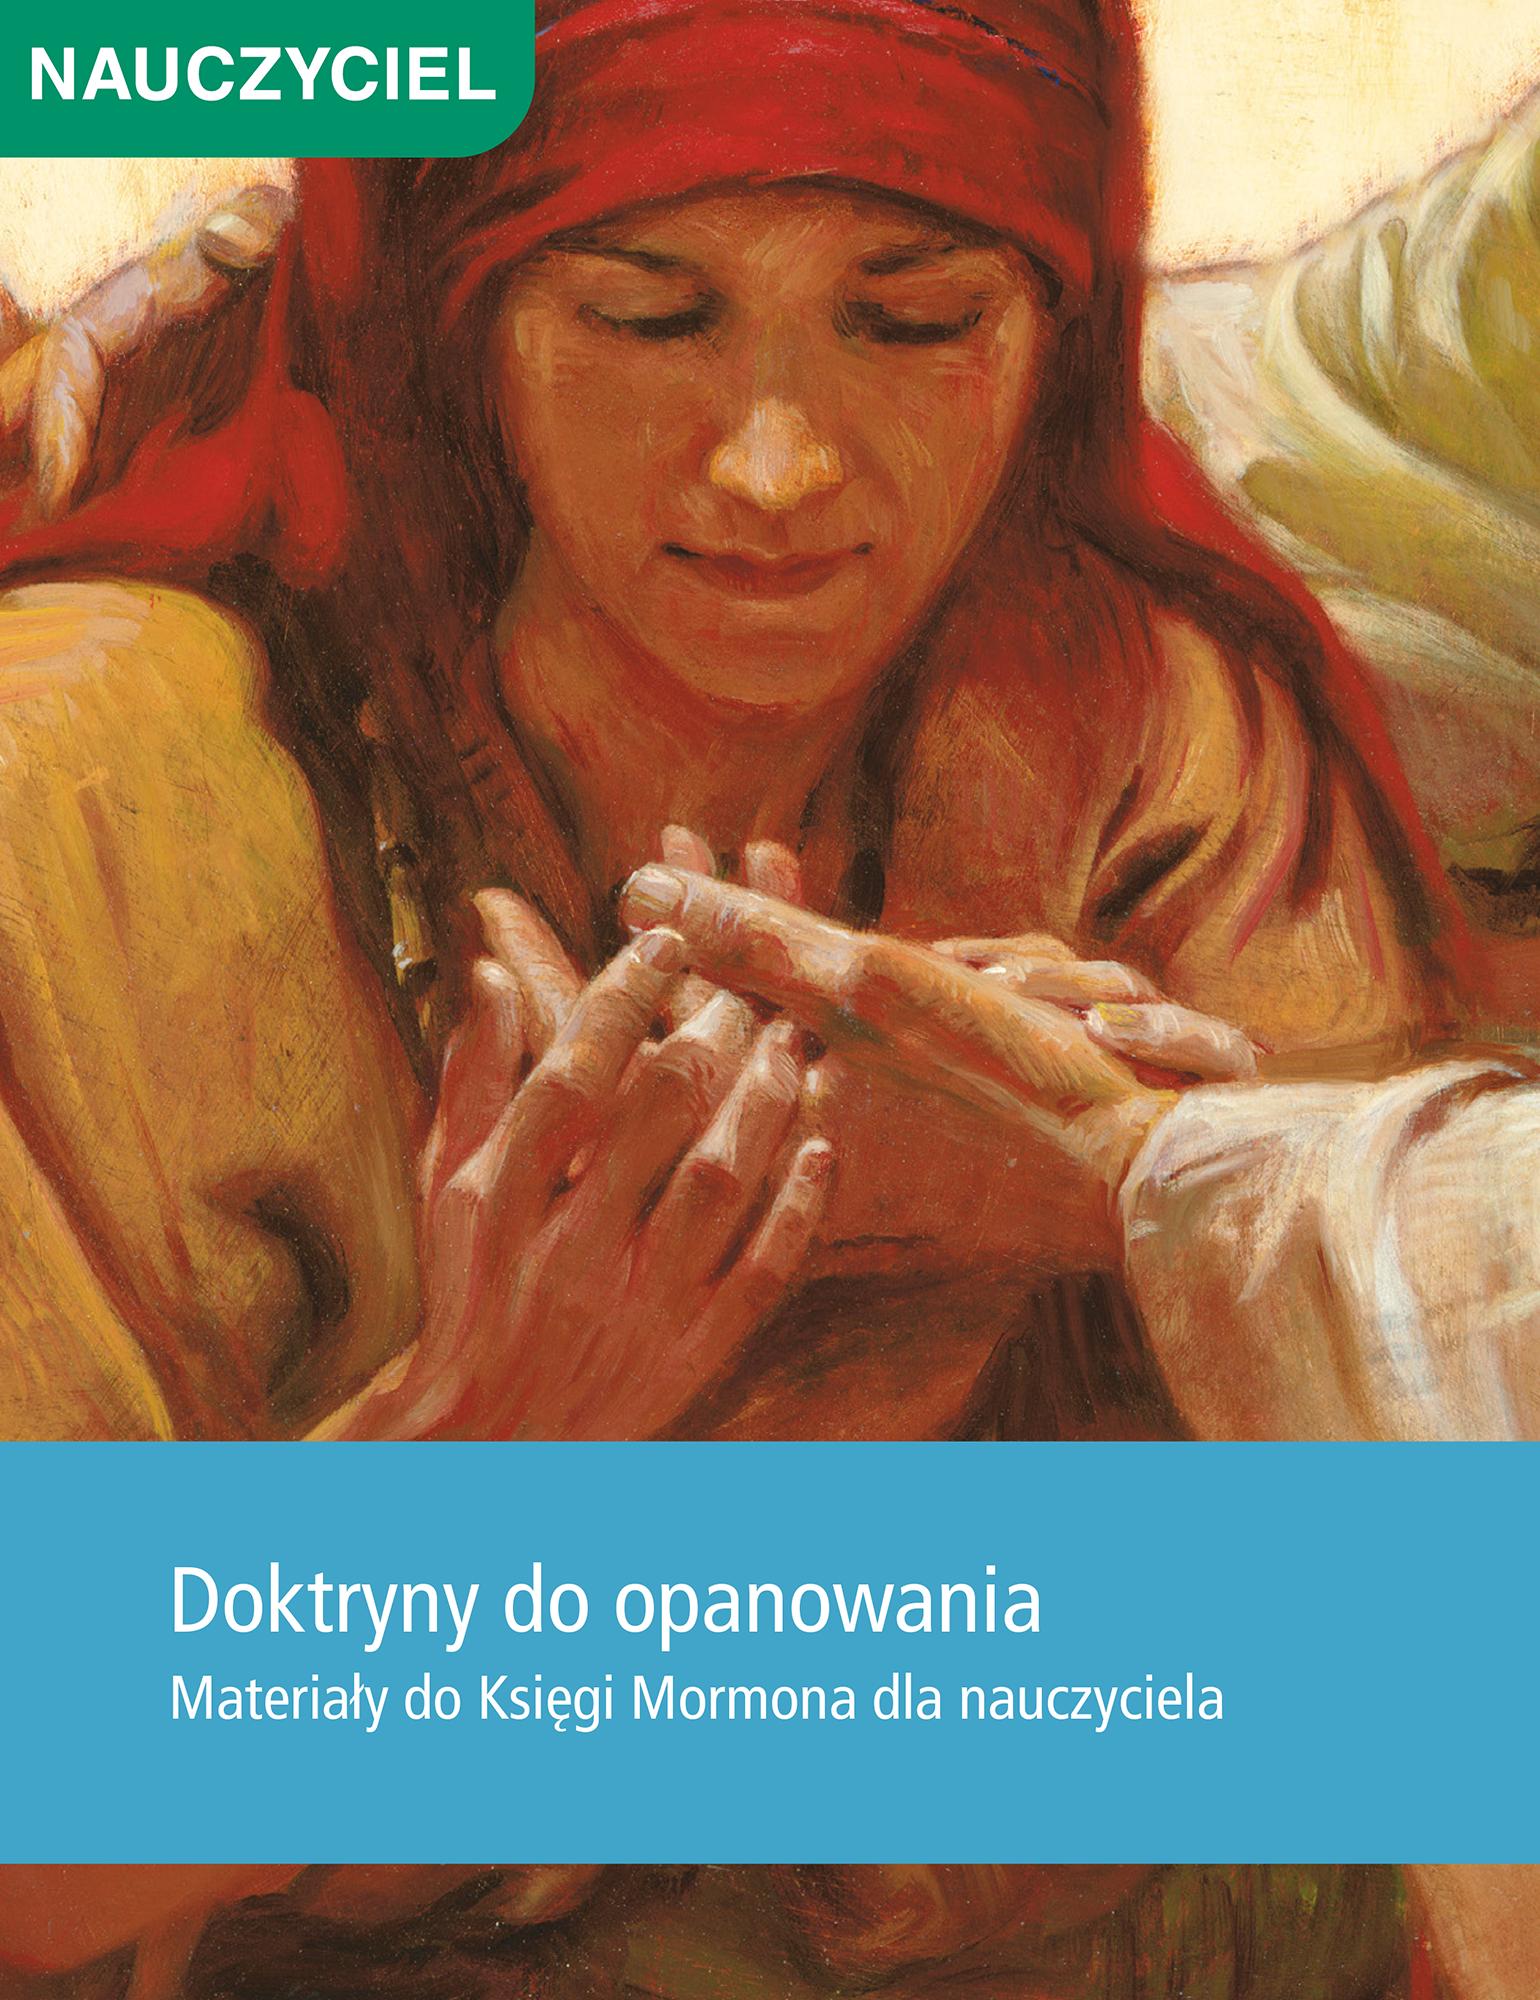 Doktryny do opanowania Materiały do Księgi Mormona dla nauczyciela